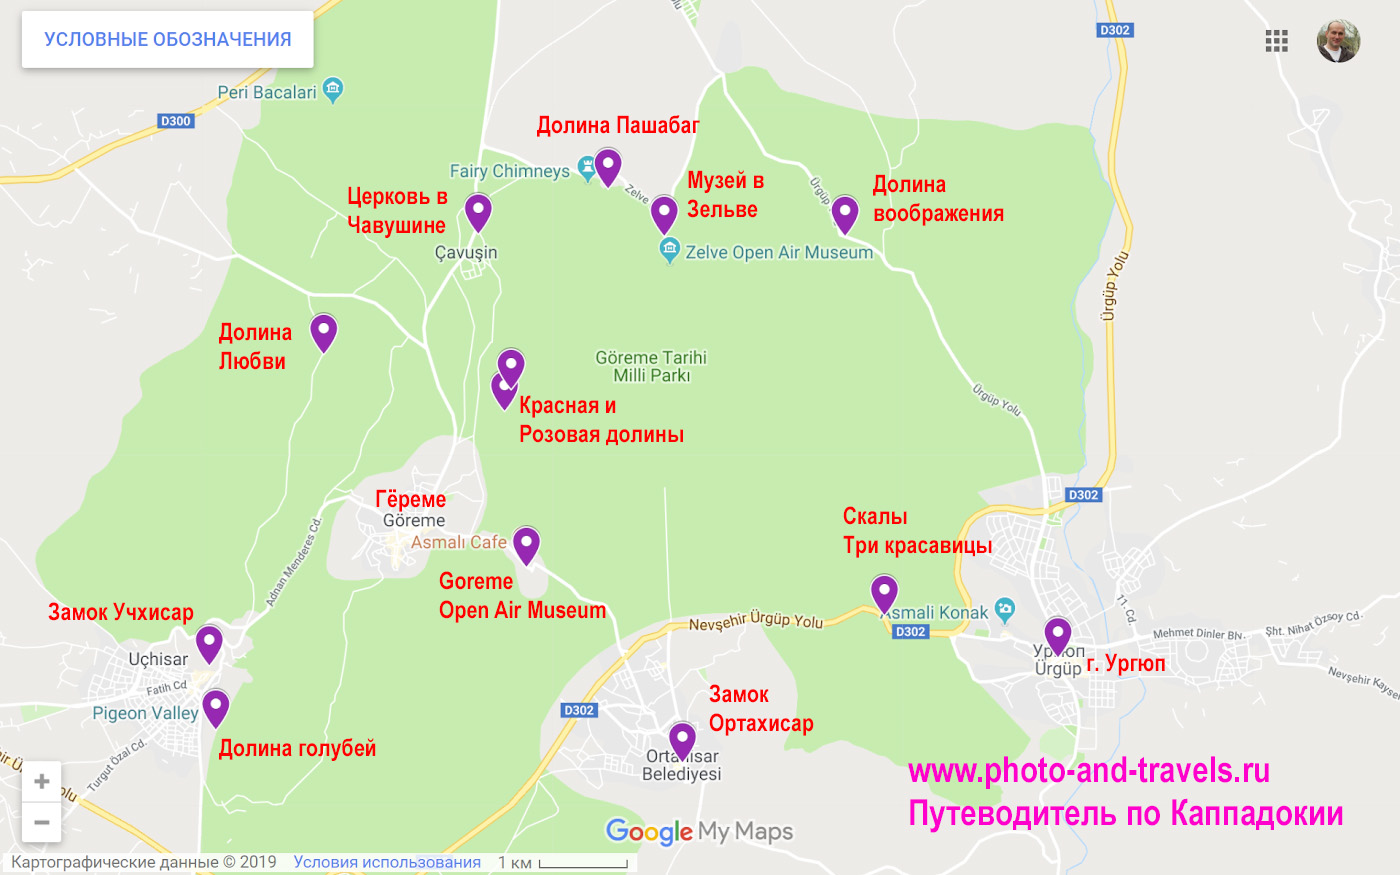 Карта с пояснениями, где находятся интересные места в окрестностях Гёреме.